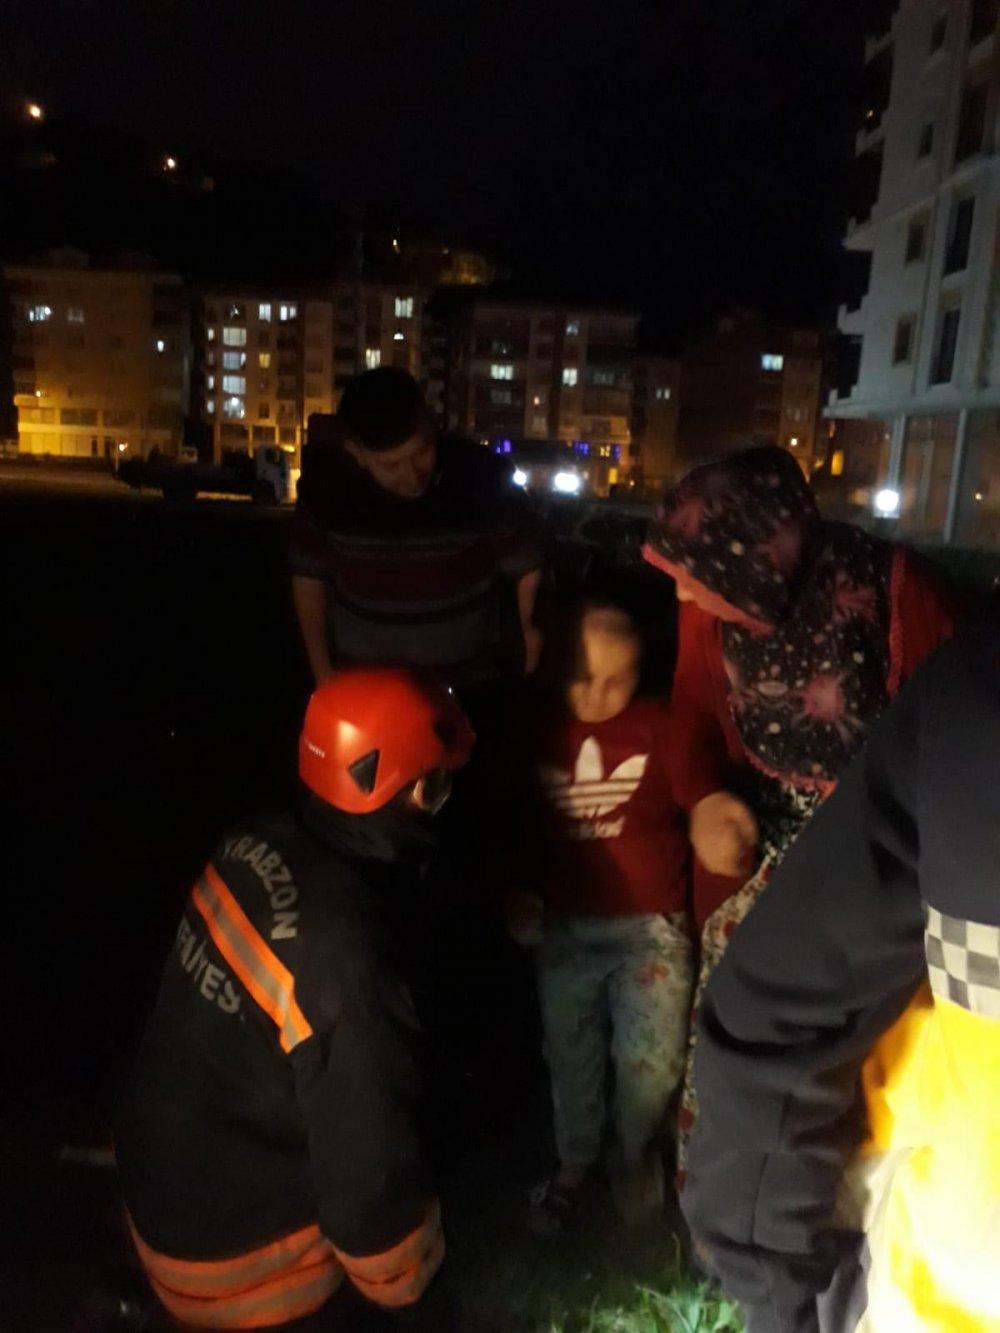 Trabzon'da ailesinin kurtaramadığı küçük çocuk için seferberlik